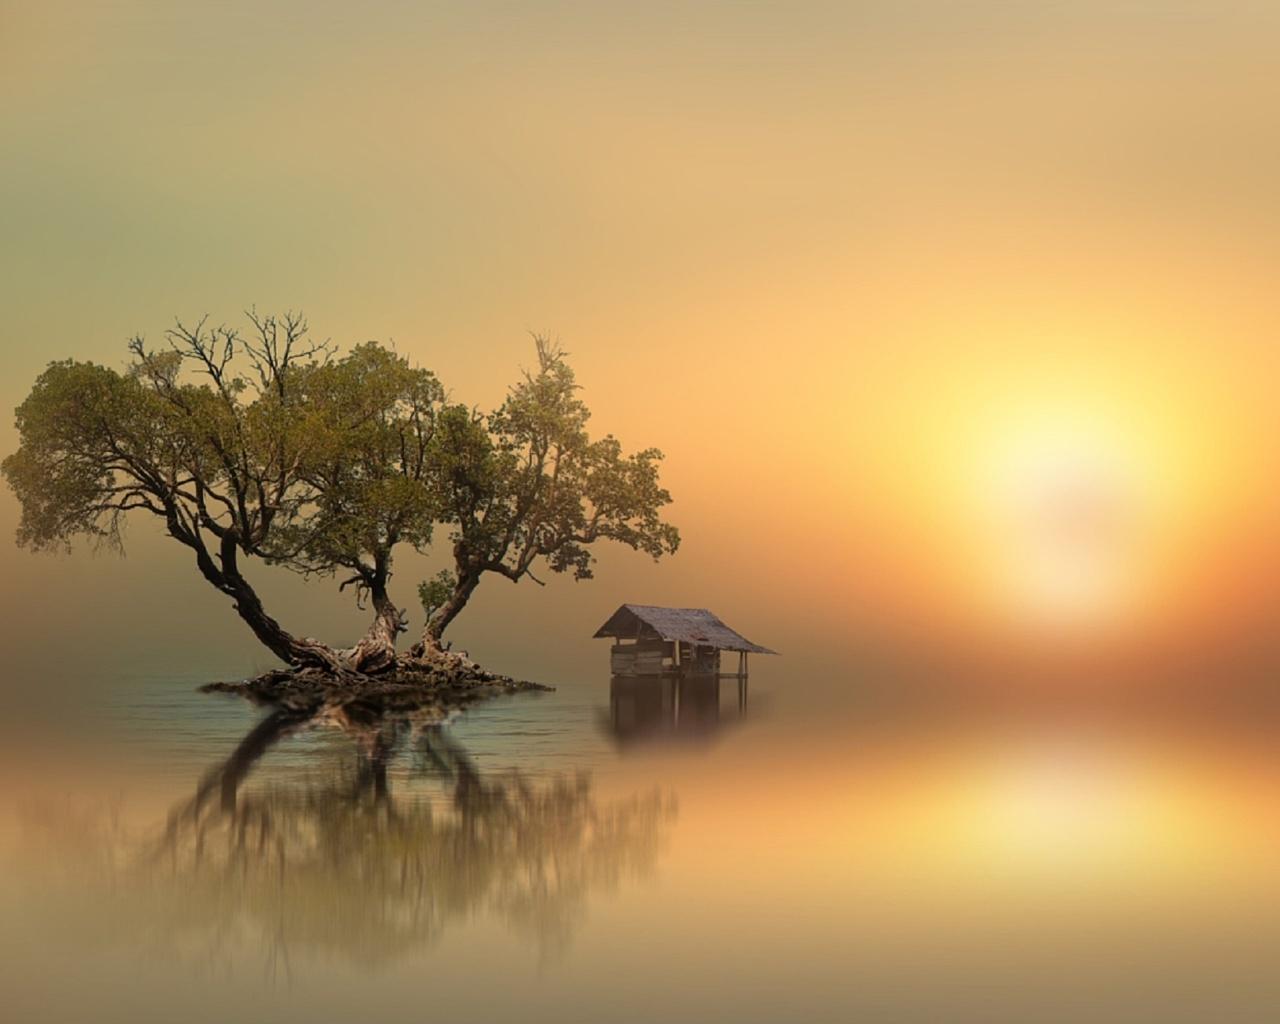 остров, три дерева, сарай, вода, солнце, туман, after, by id's